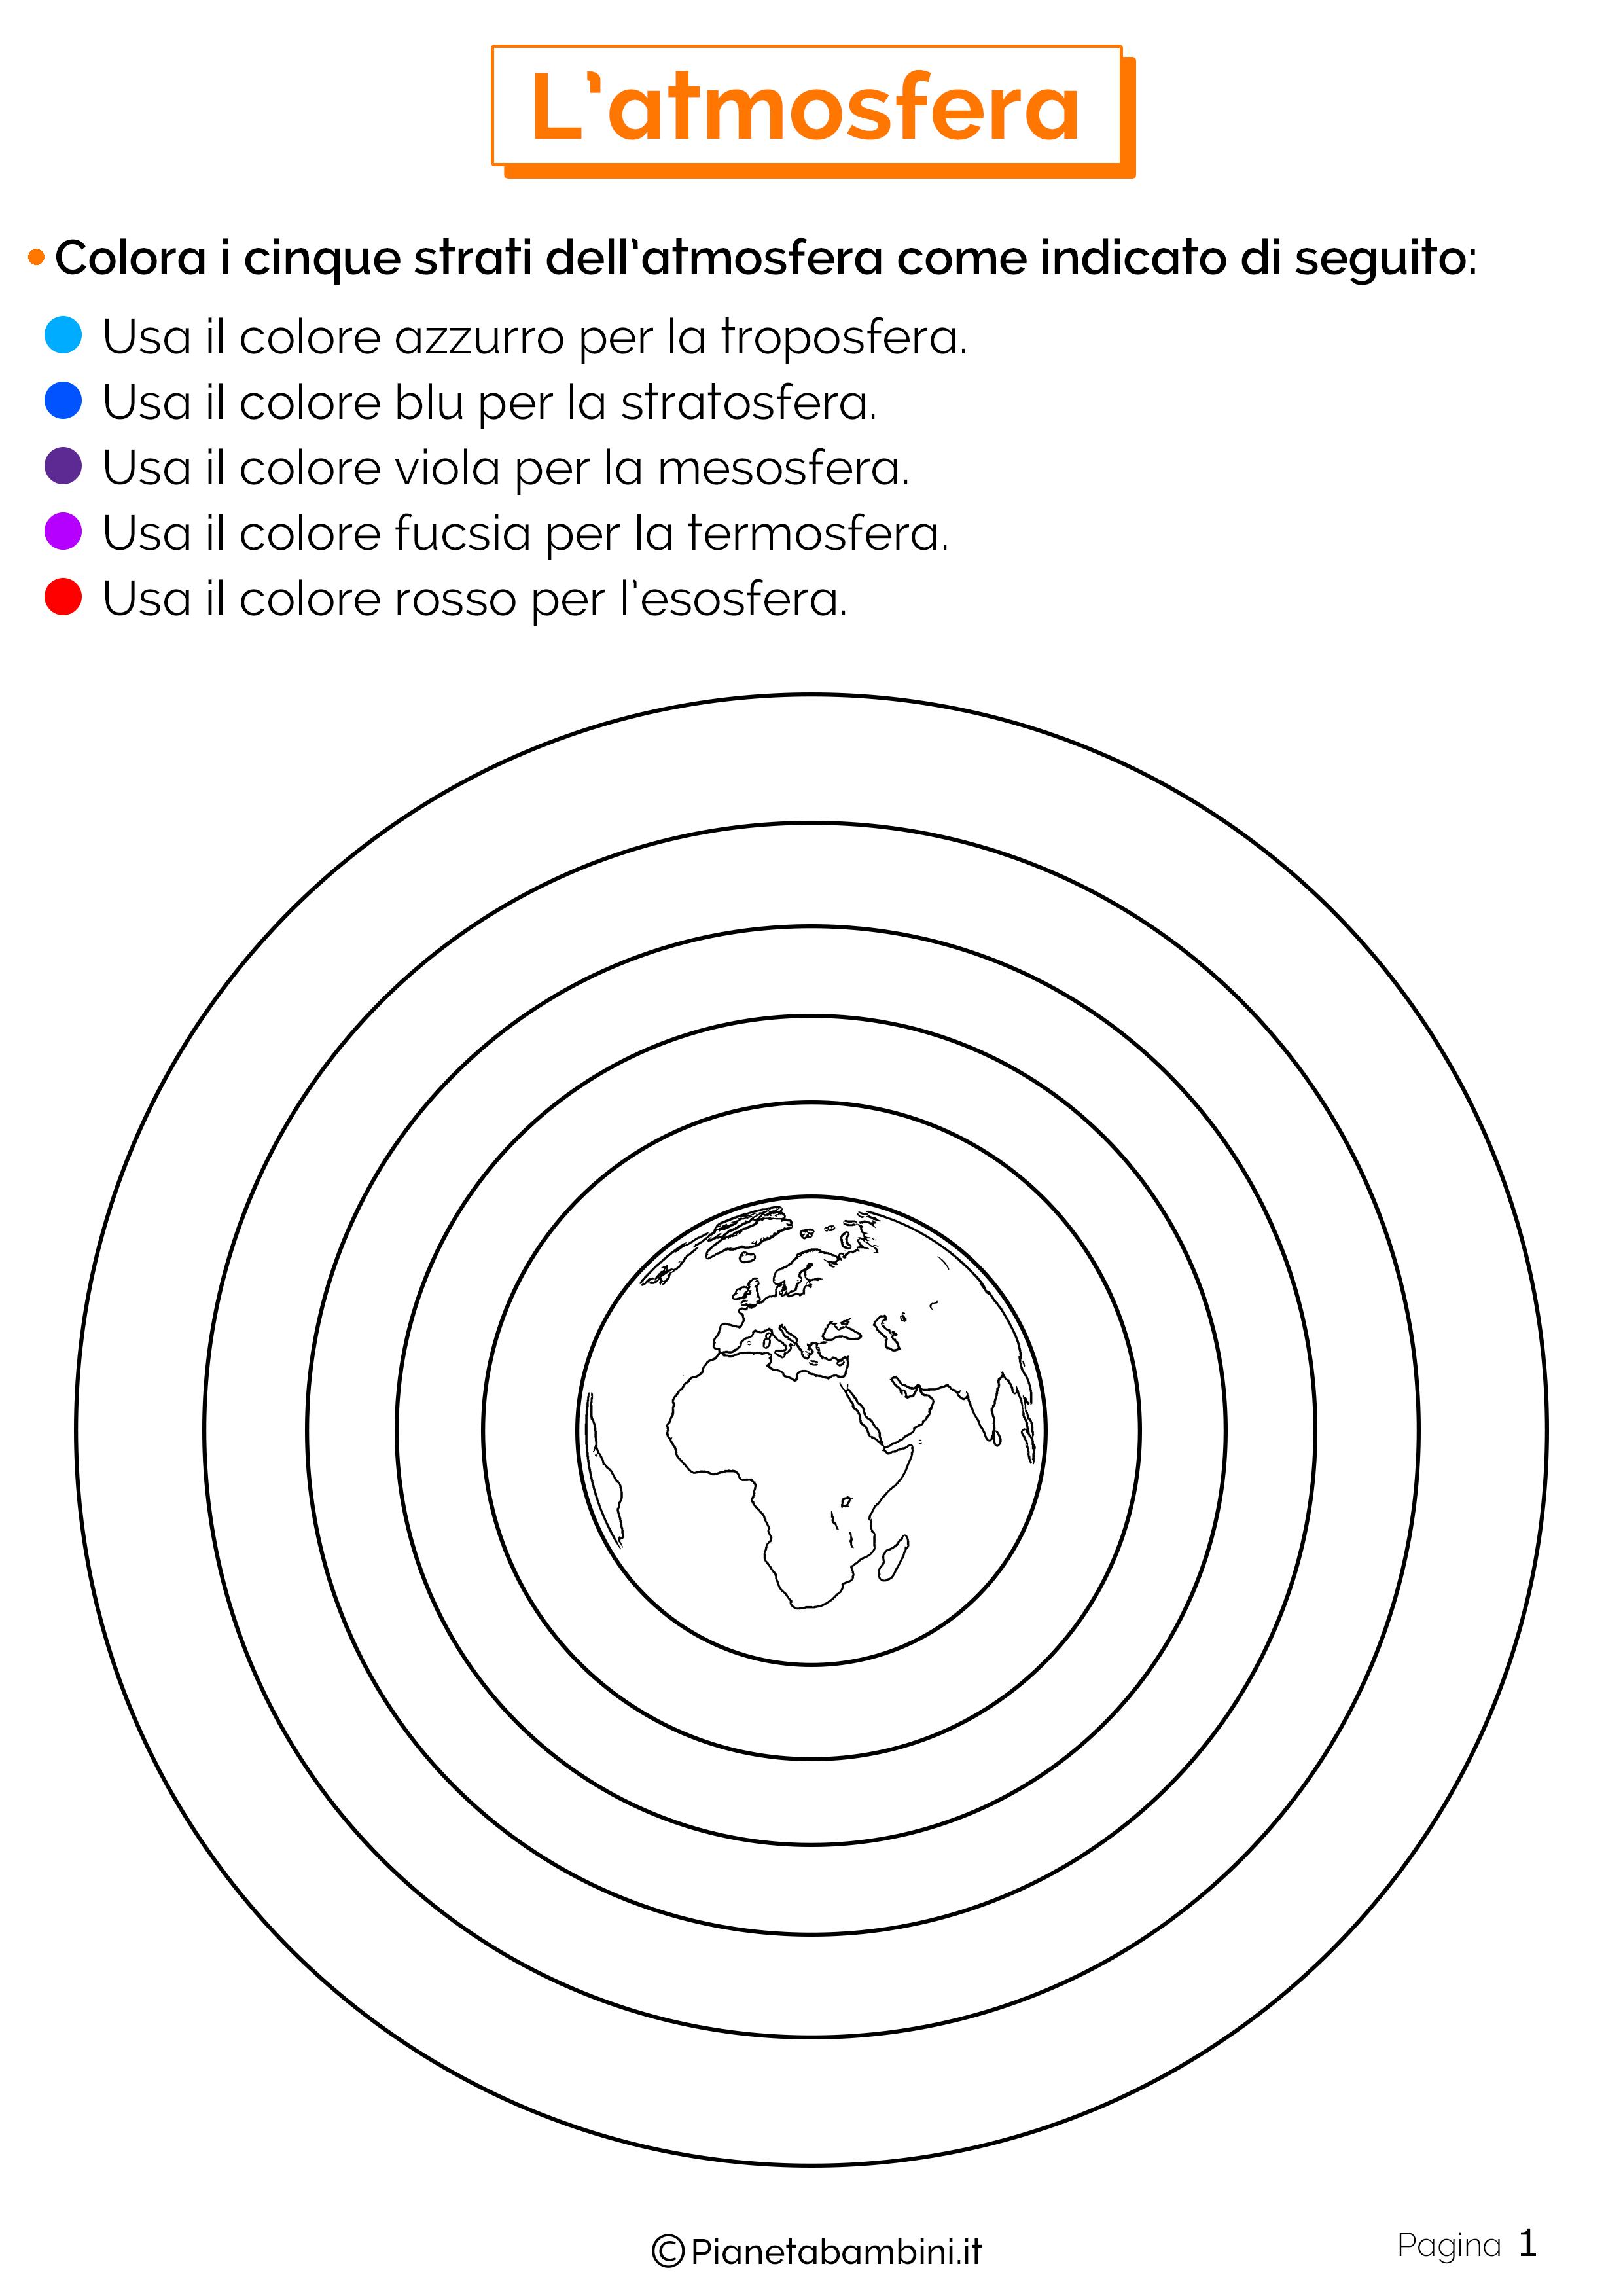 Esercizi sull'Atmosfera 1